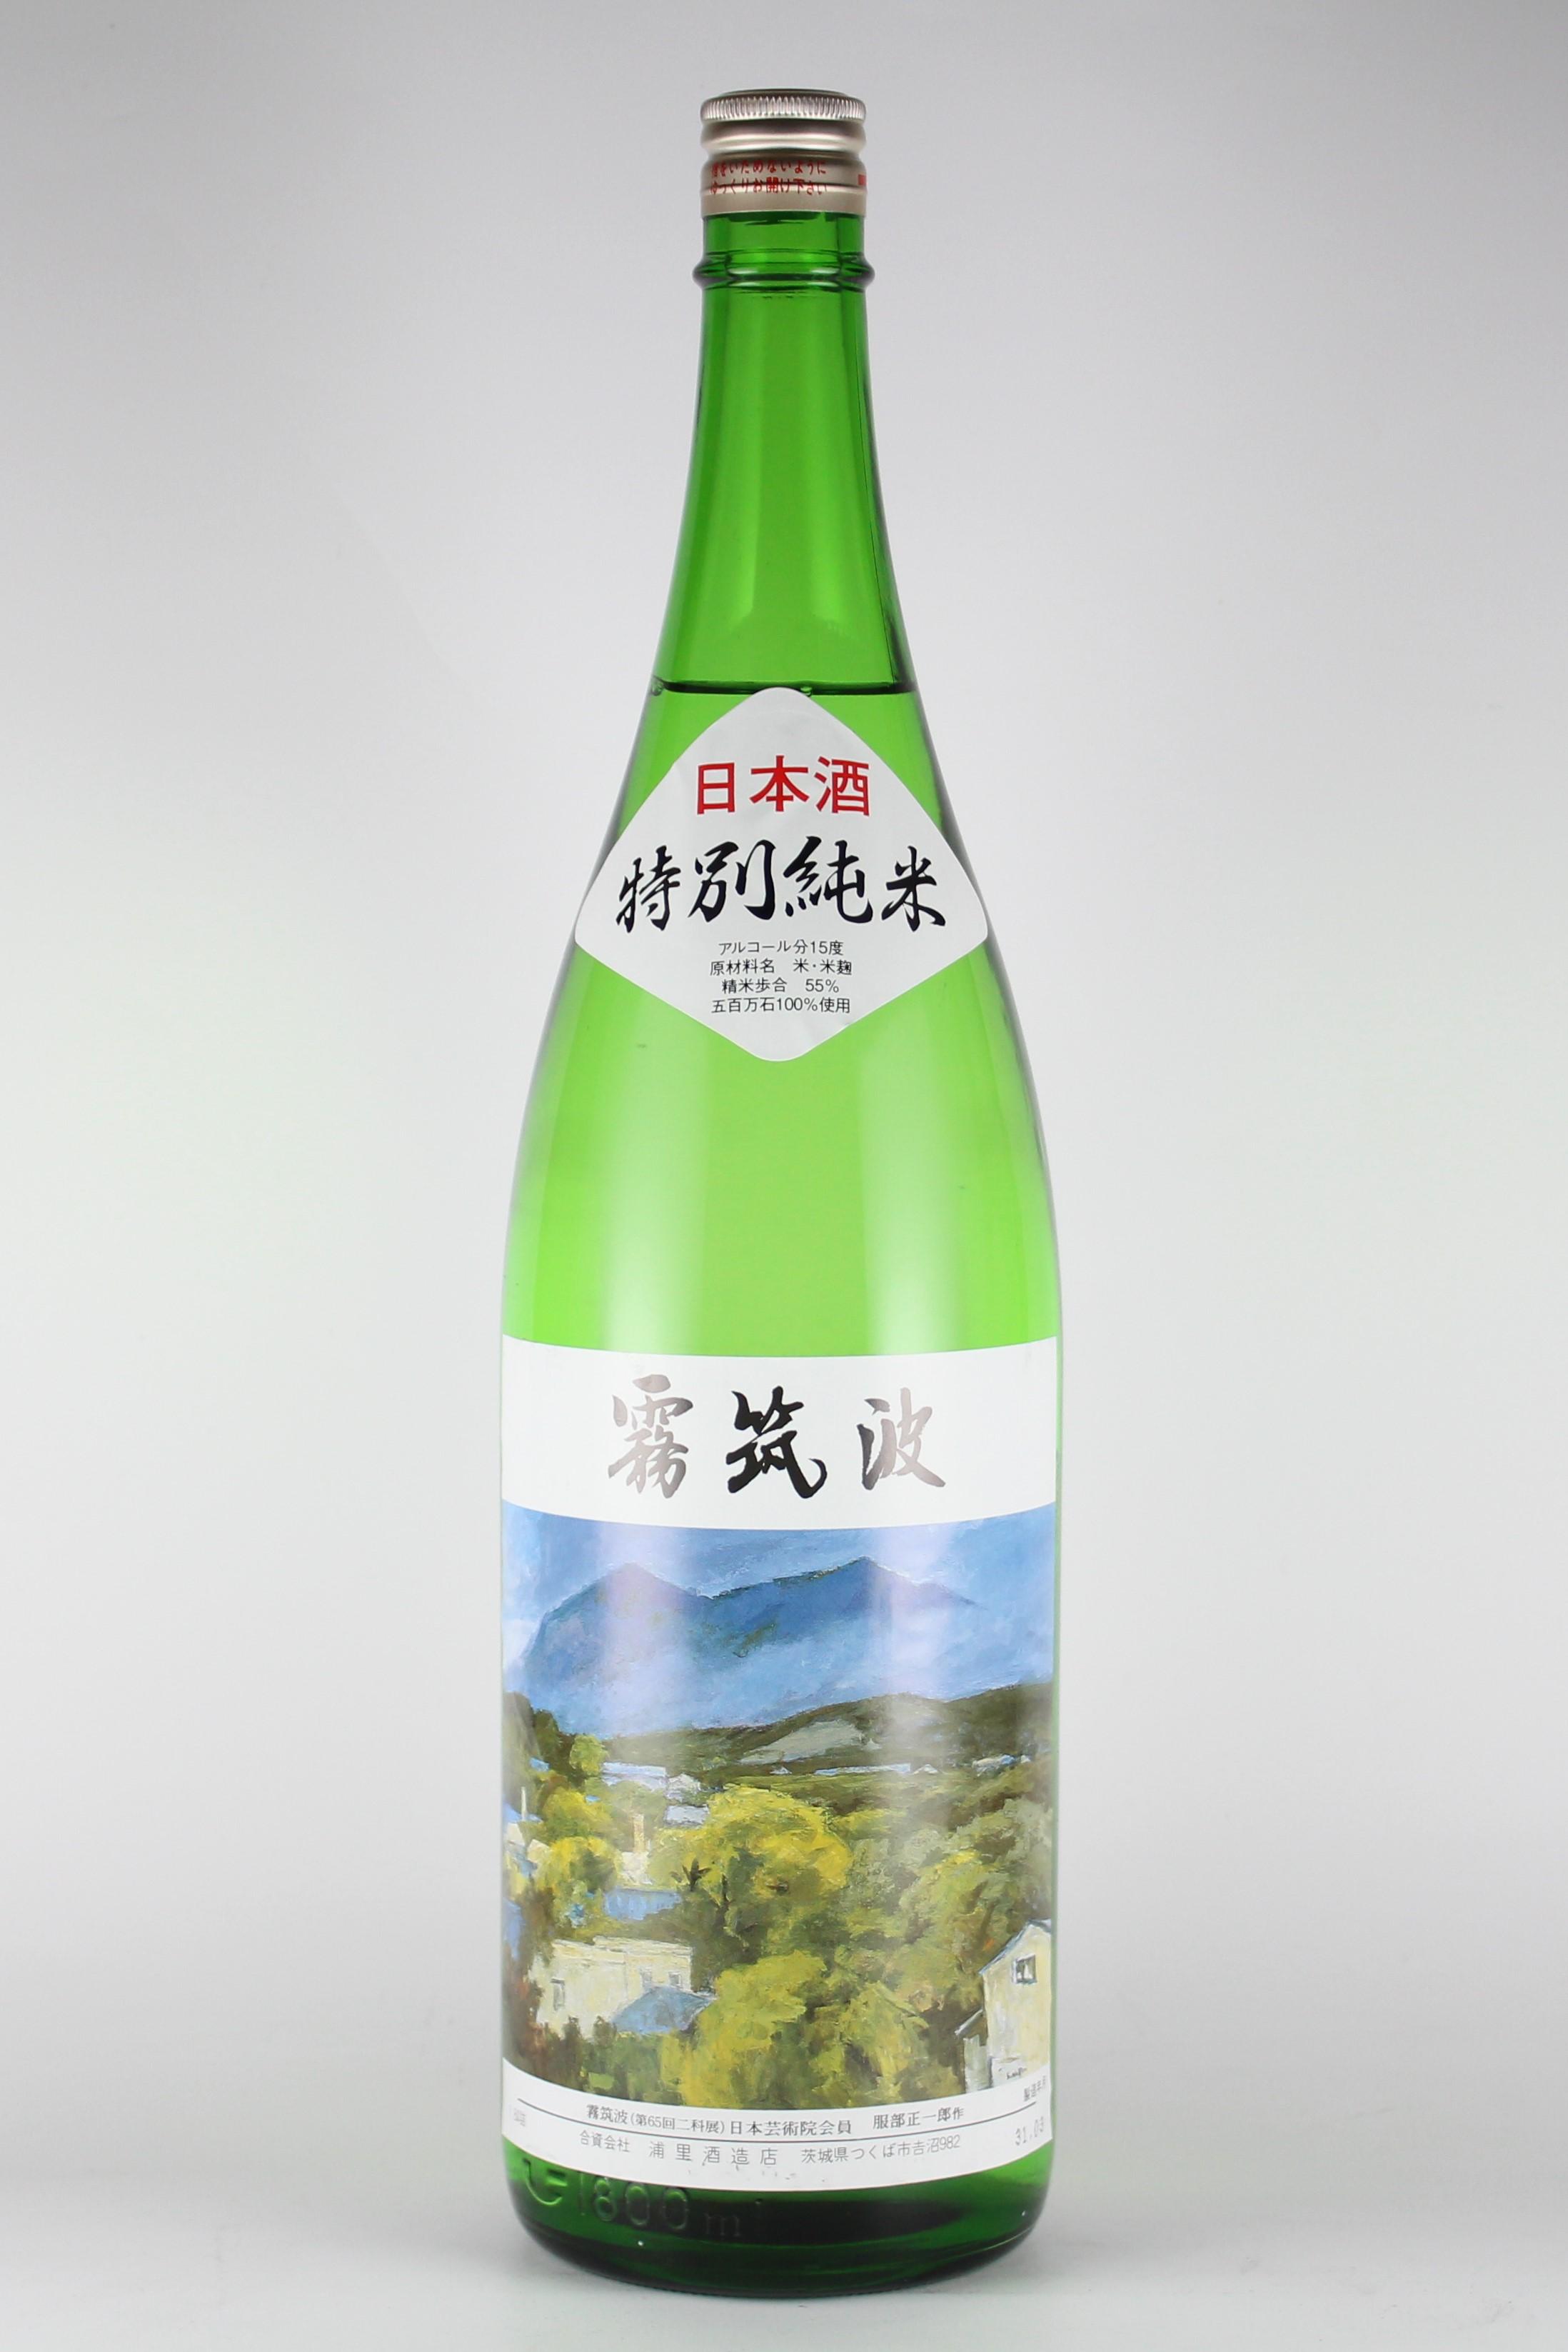 霧筑波 特別純米 1800ml 【茨城/浦里酒造店】